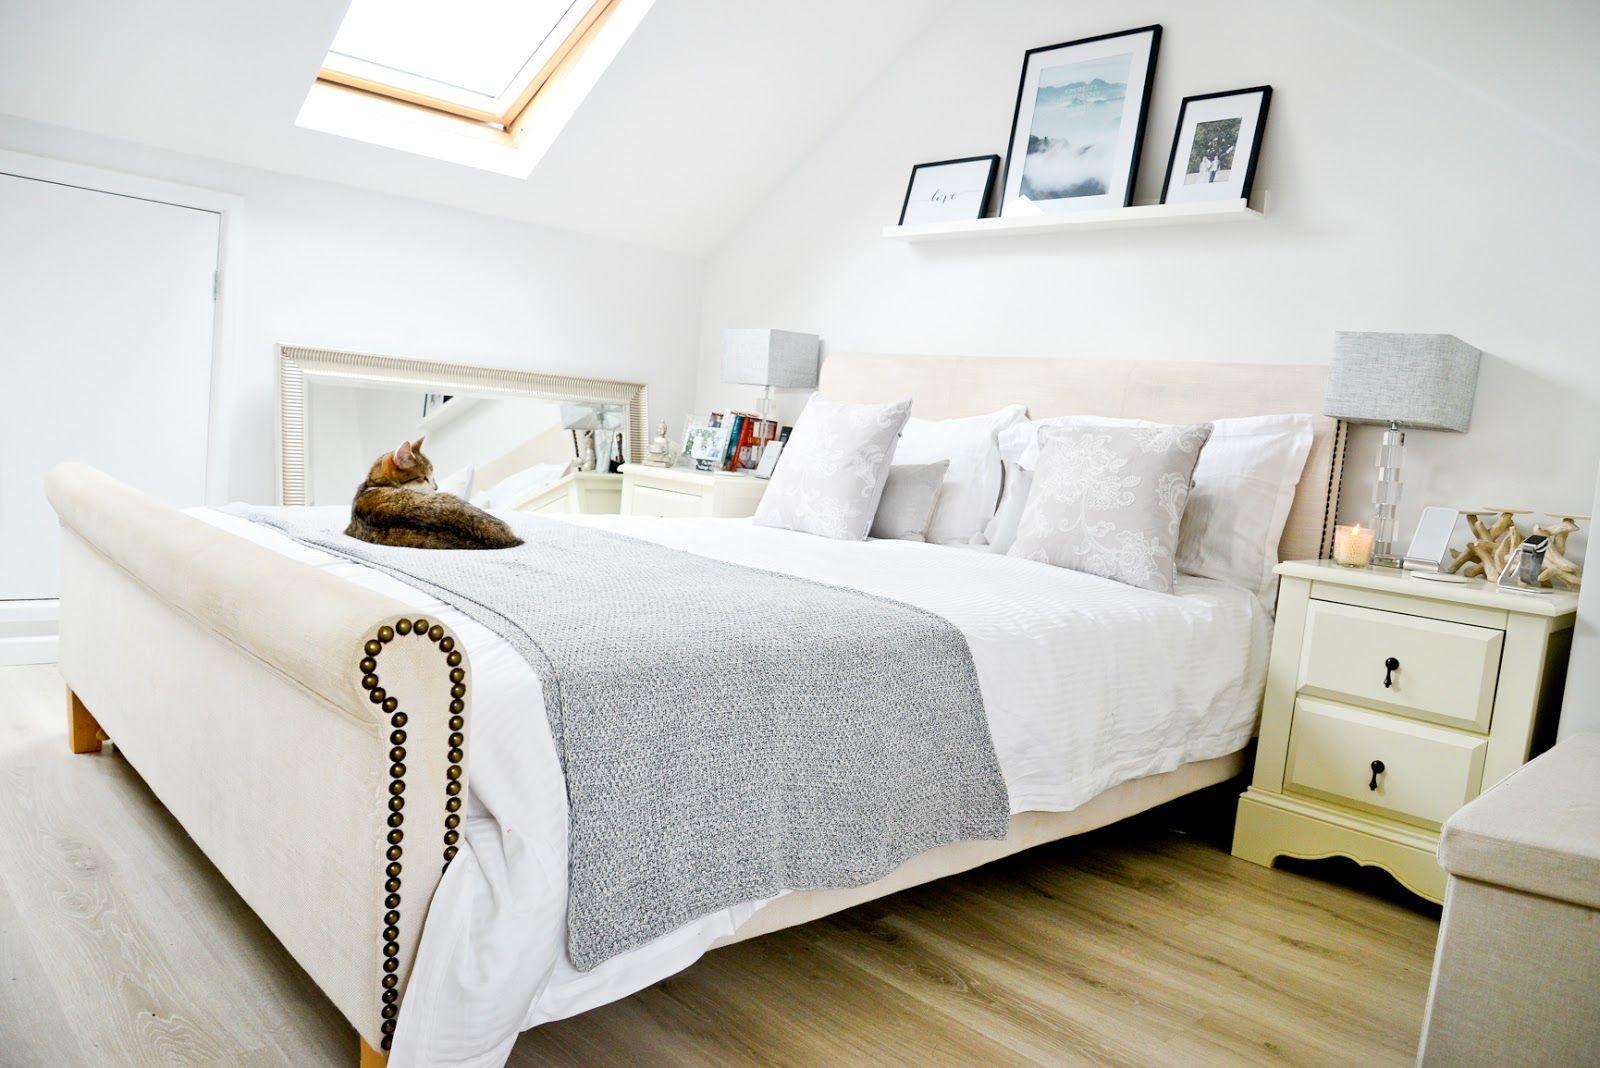 Lieblich Mein Schlafzimmer Schmückt Ideen Für Eine Gute Nachtruhe #baby #baby Boy # Baby